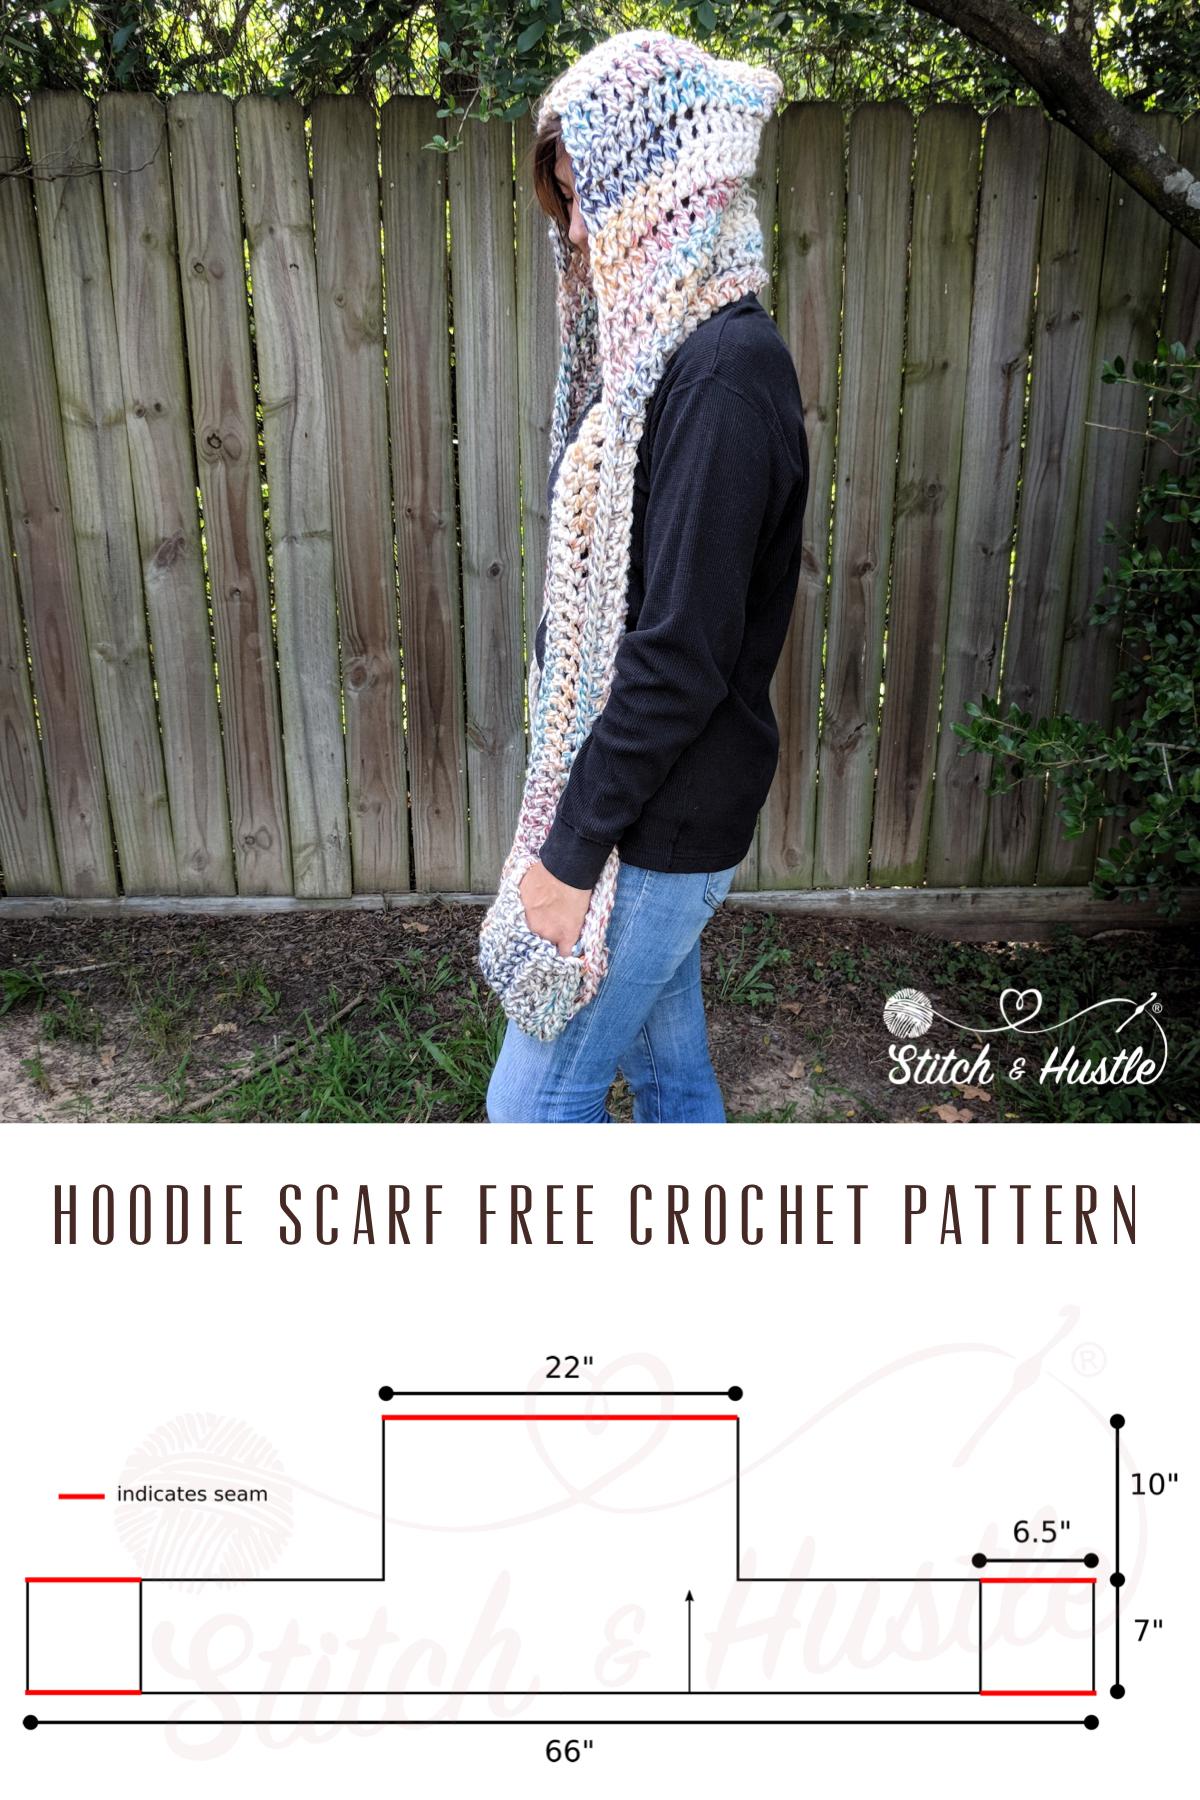 hooded_scarf_free_crochet_pattern_12.jpg